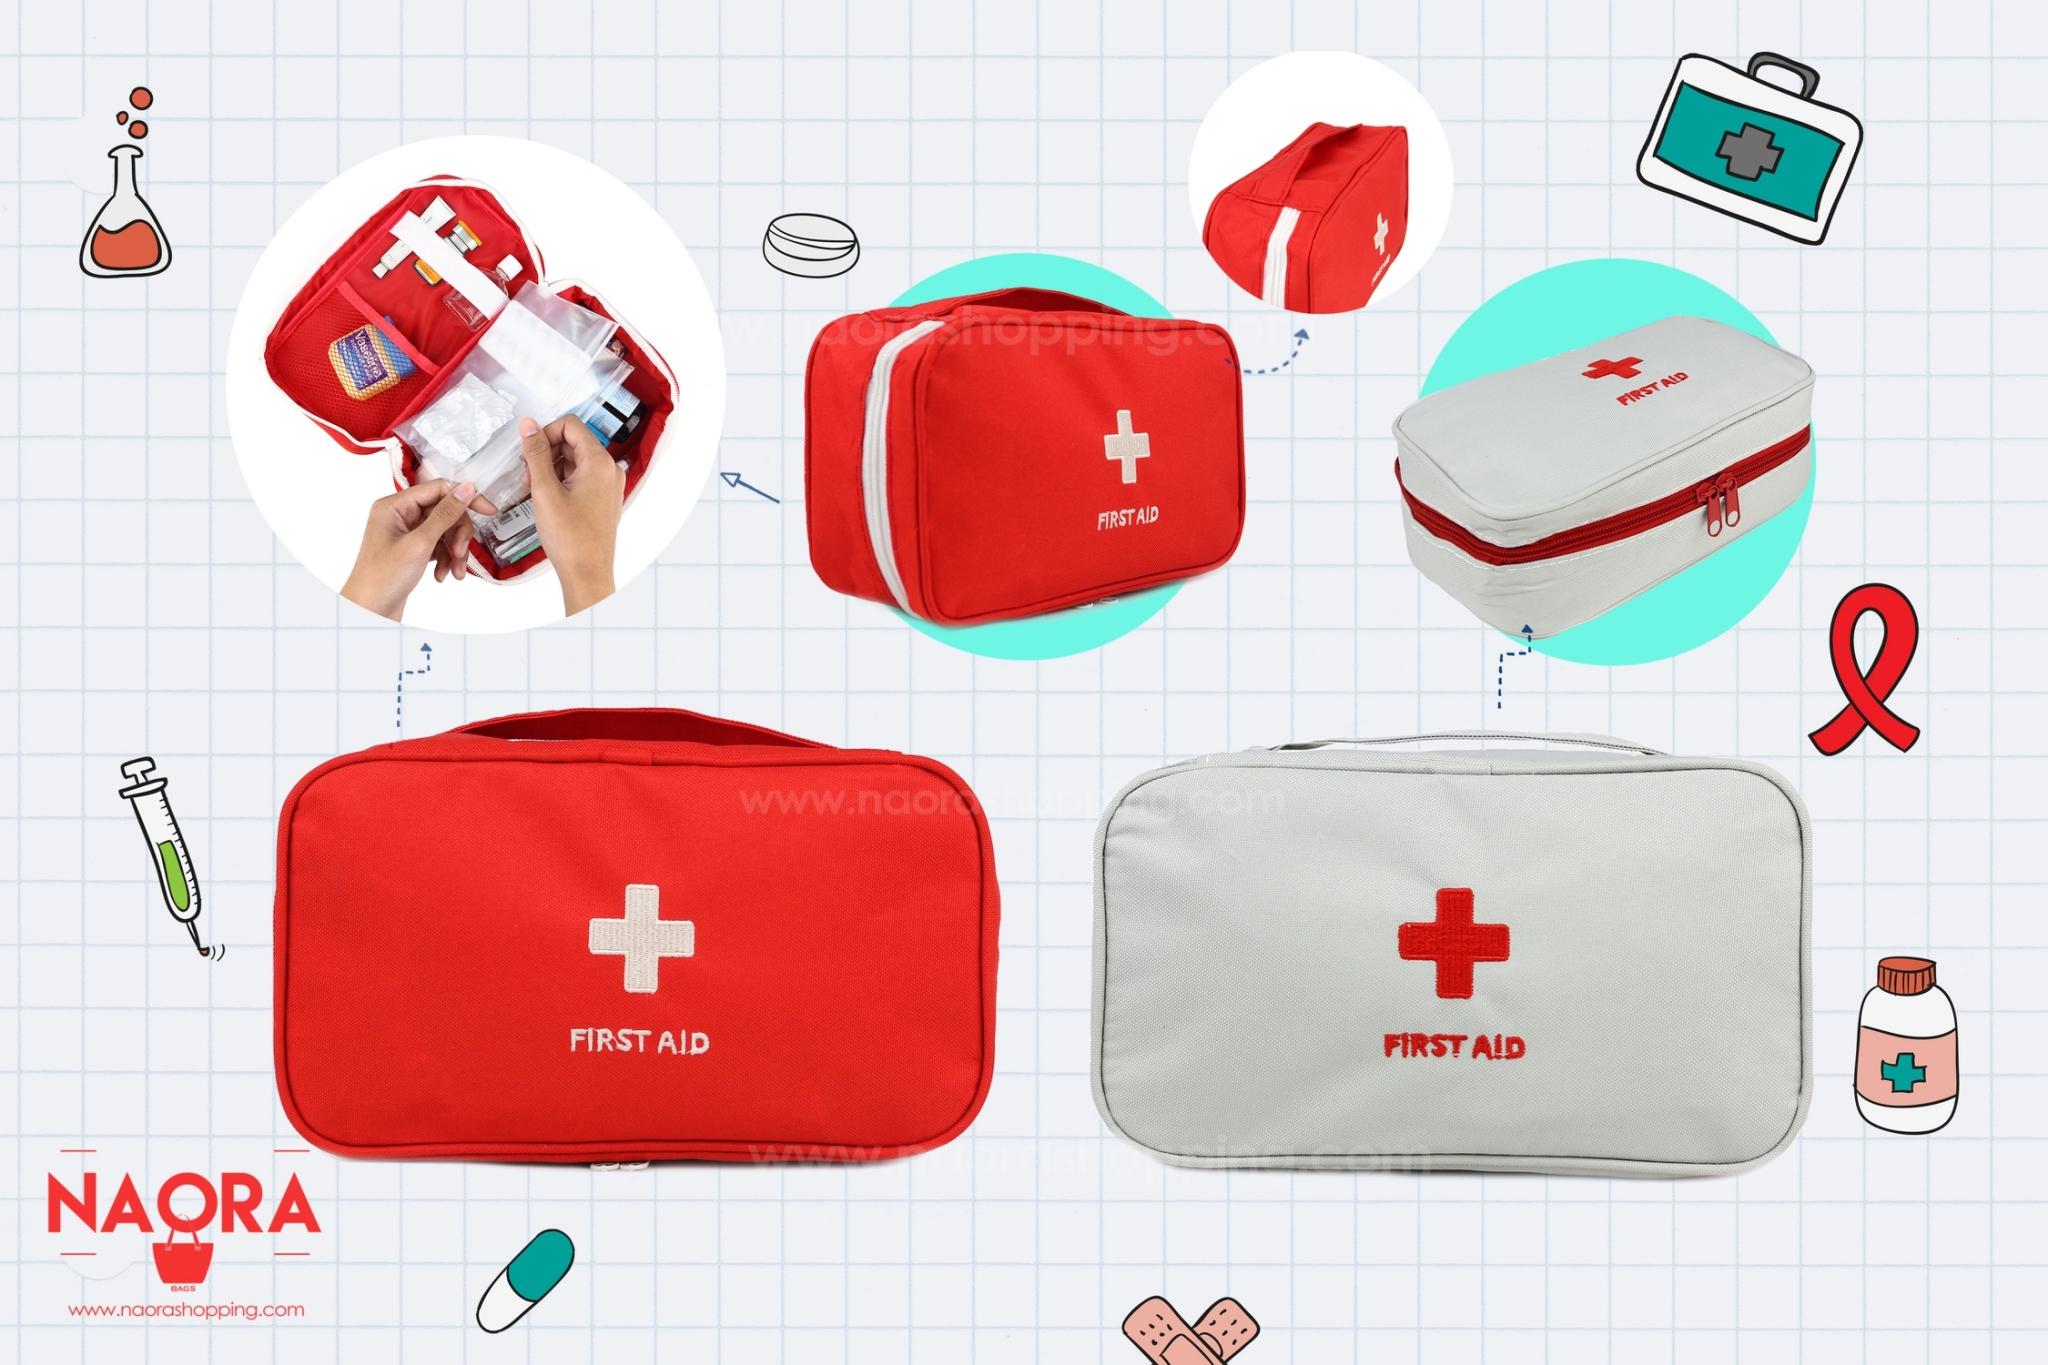 กระเป๋าจัดเก็บอุปกรณ์ปฐมพยาบาล